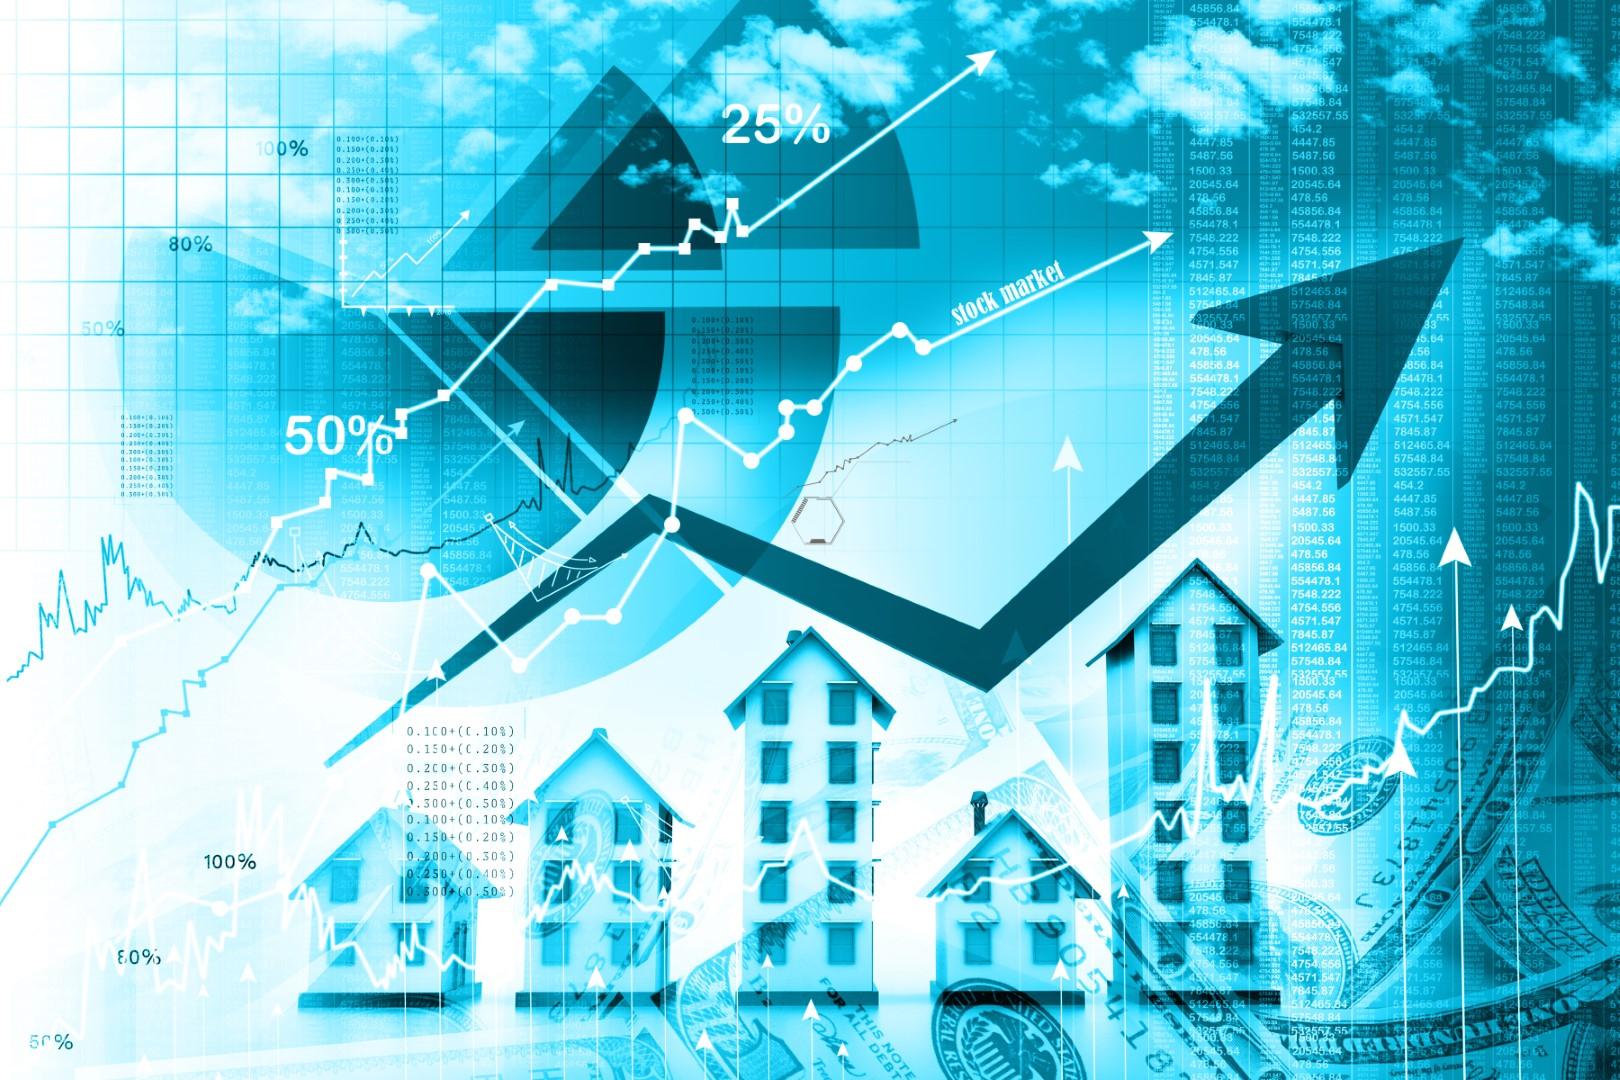 Греція спростила оподаткування для нових резидентів-інвесторів